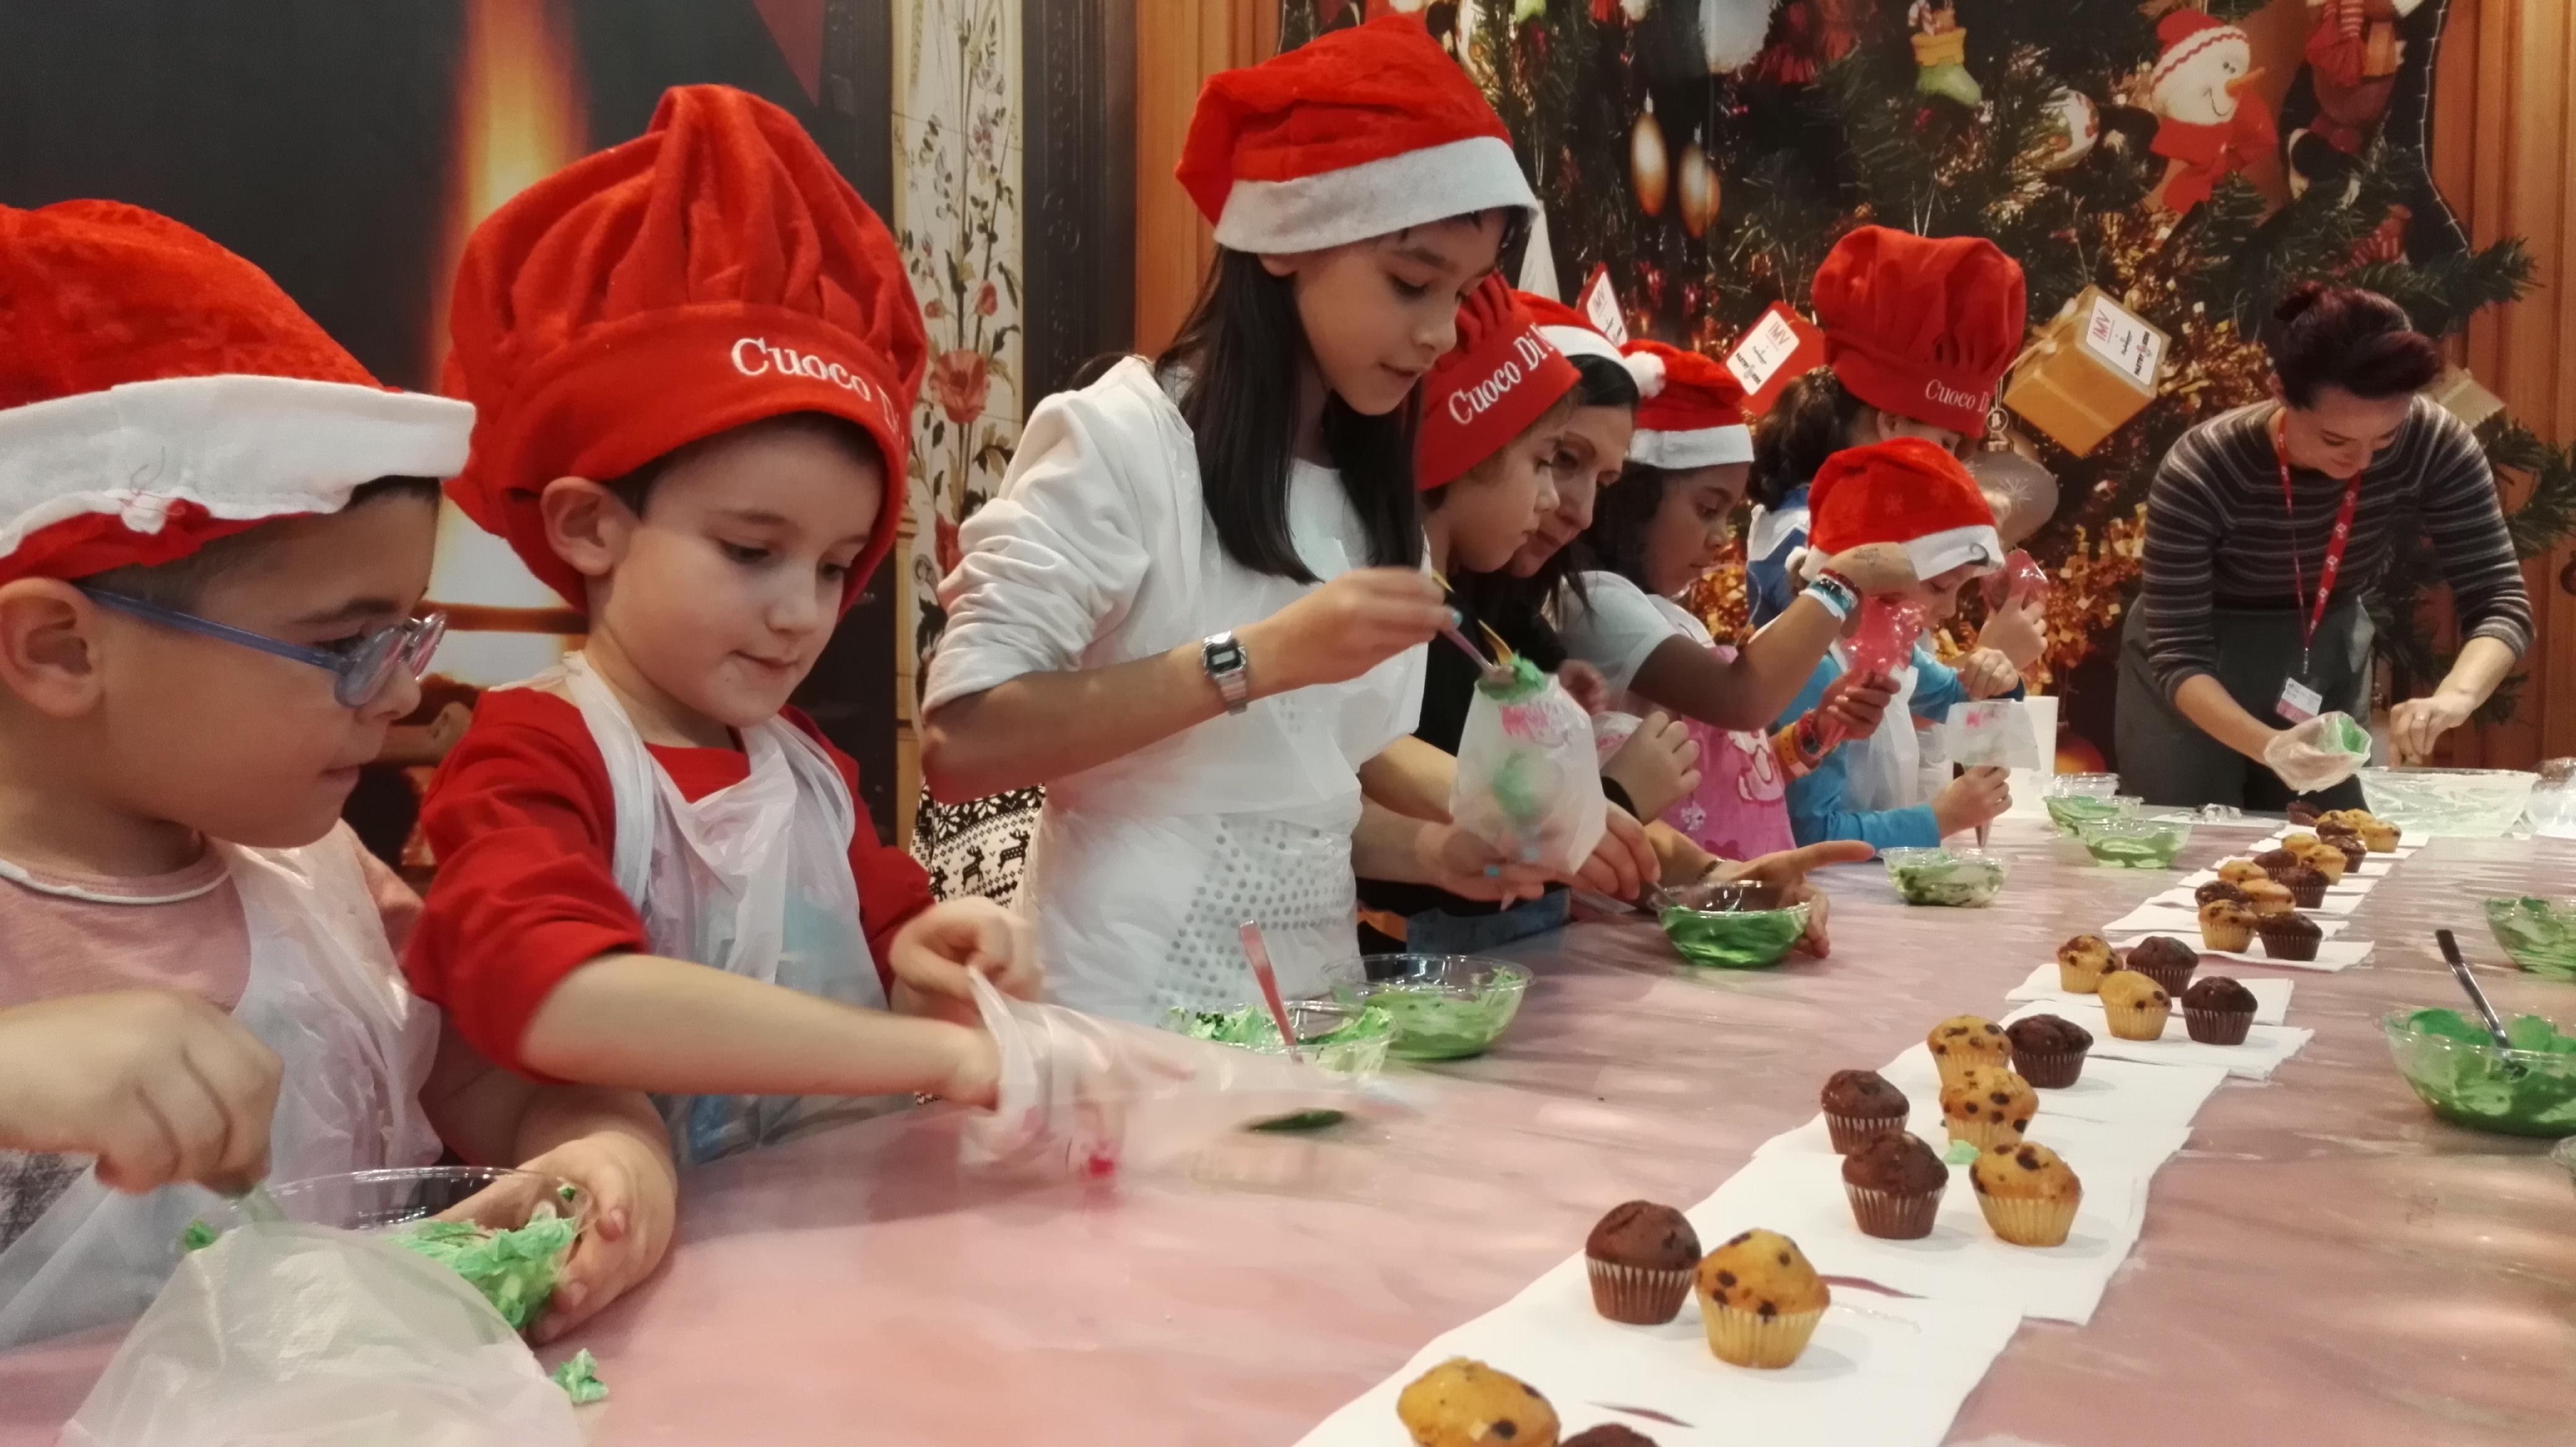 laboratorio cucina per bambini milano